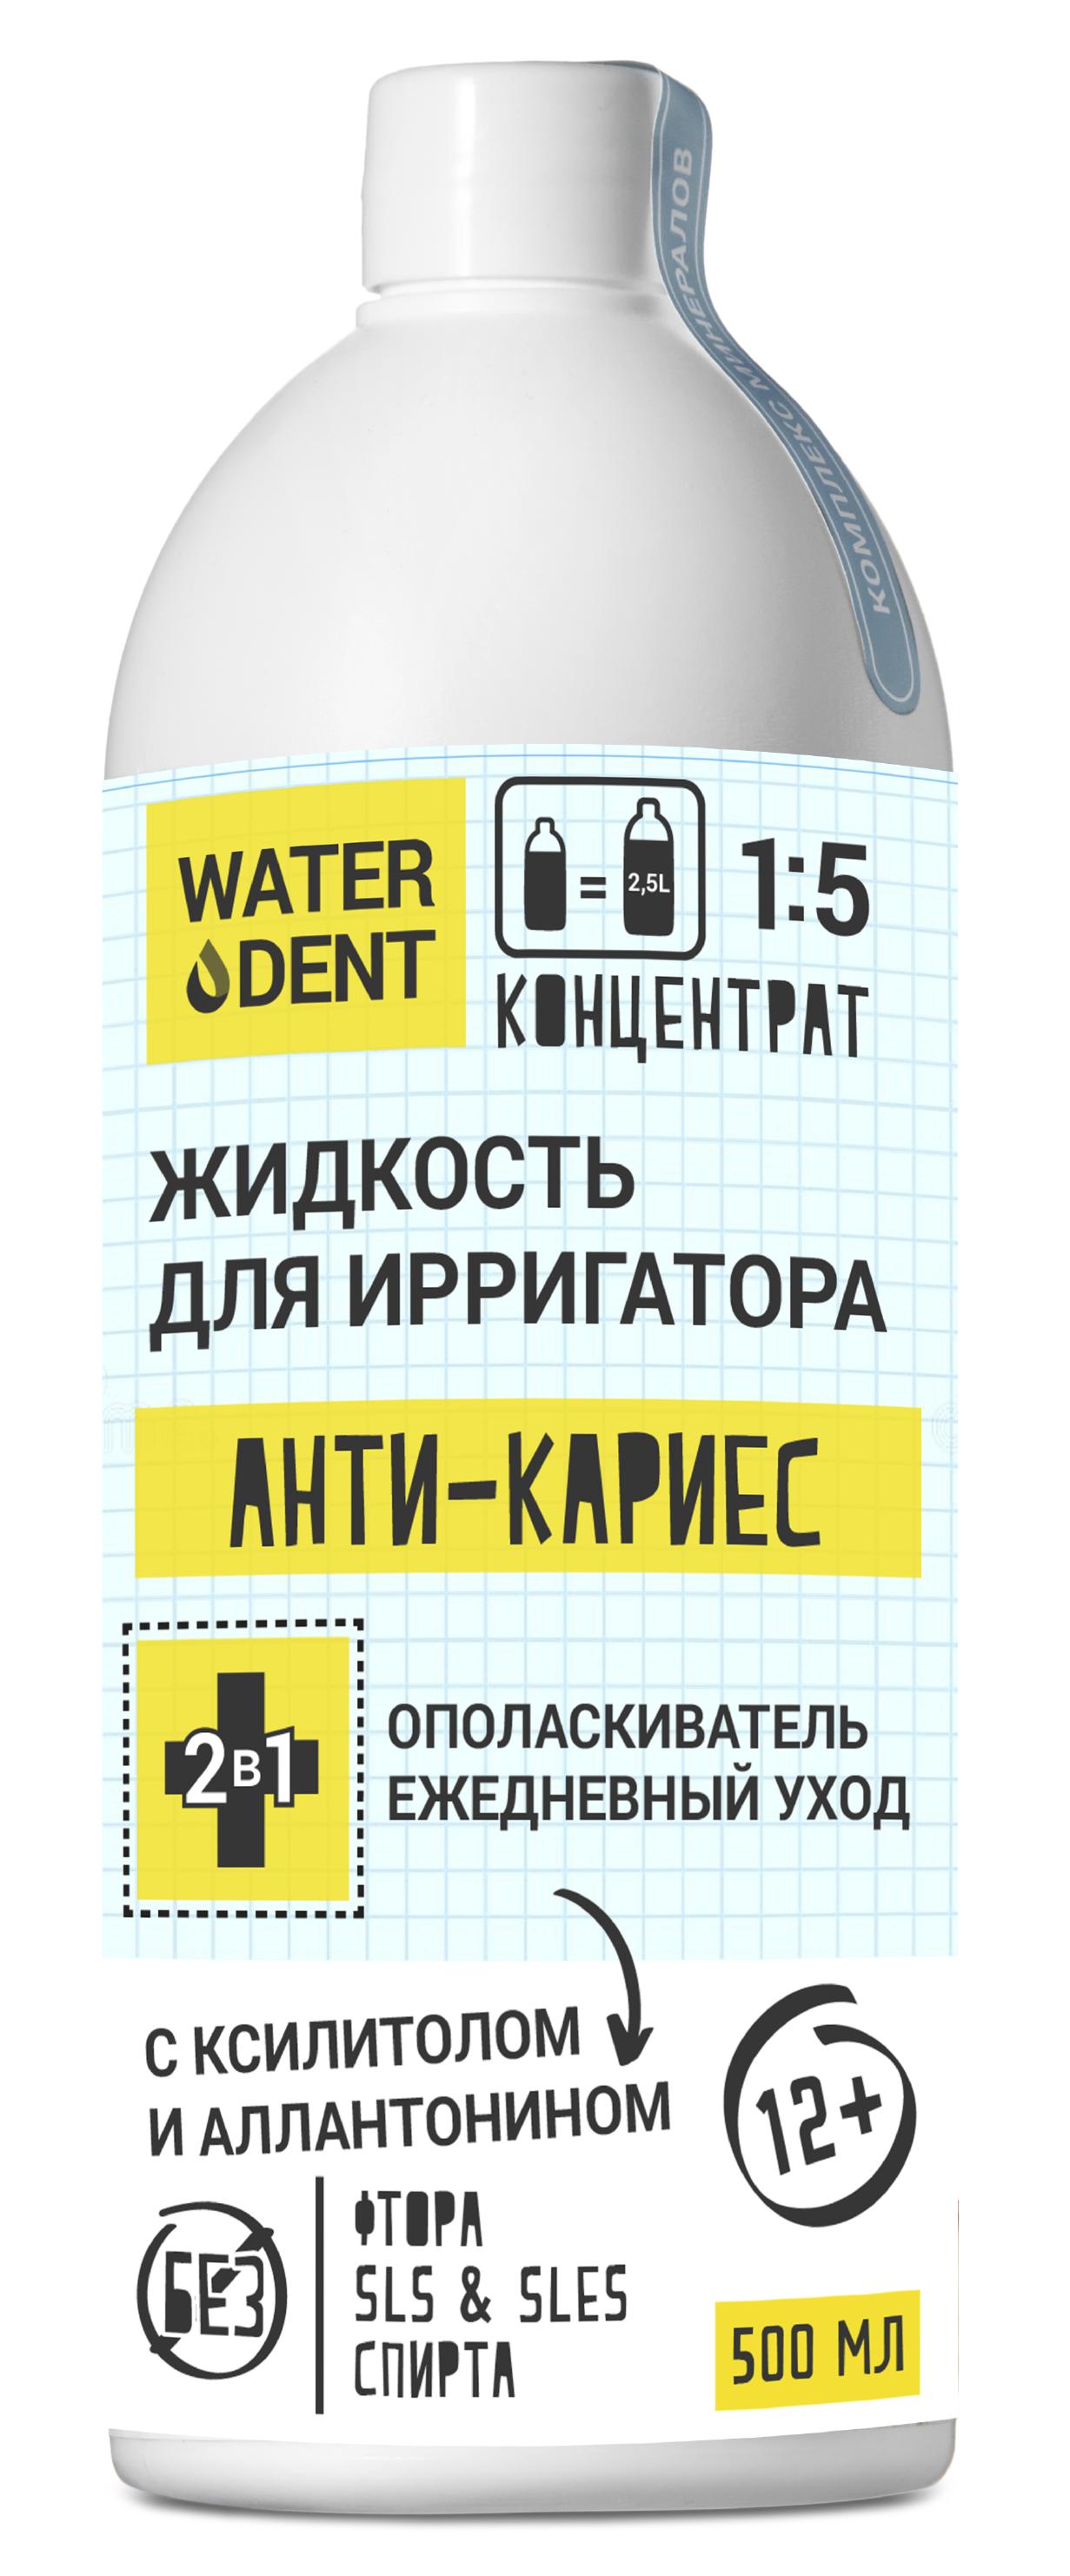 Купить WATERDENT Жидкость для ирригатора Анти-кариес / Teens 500 мл